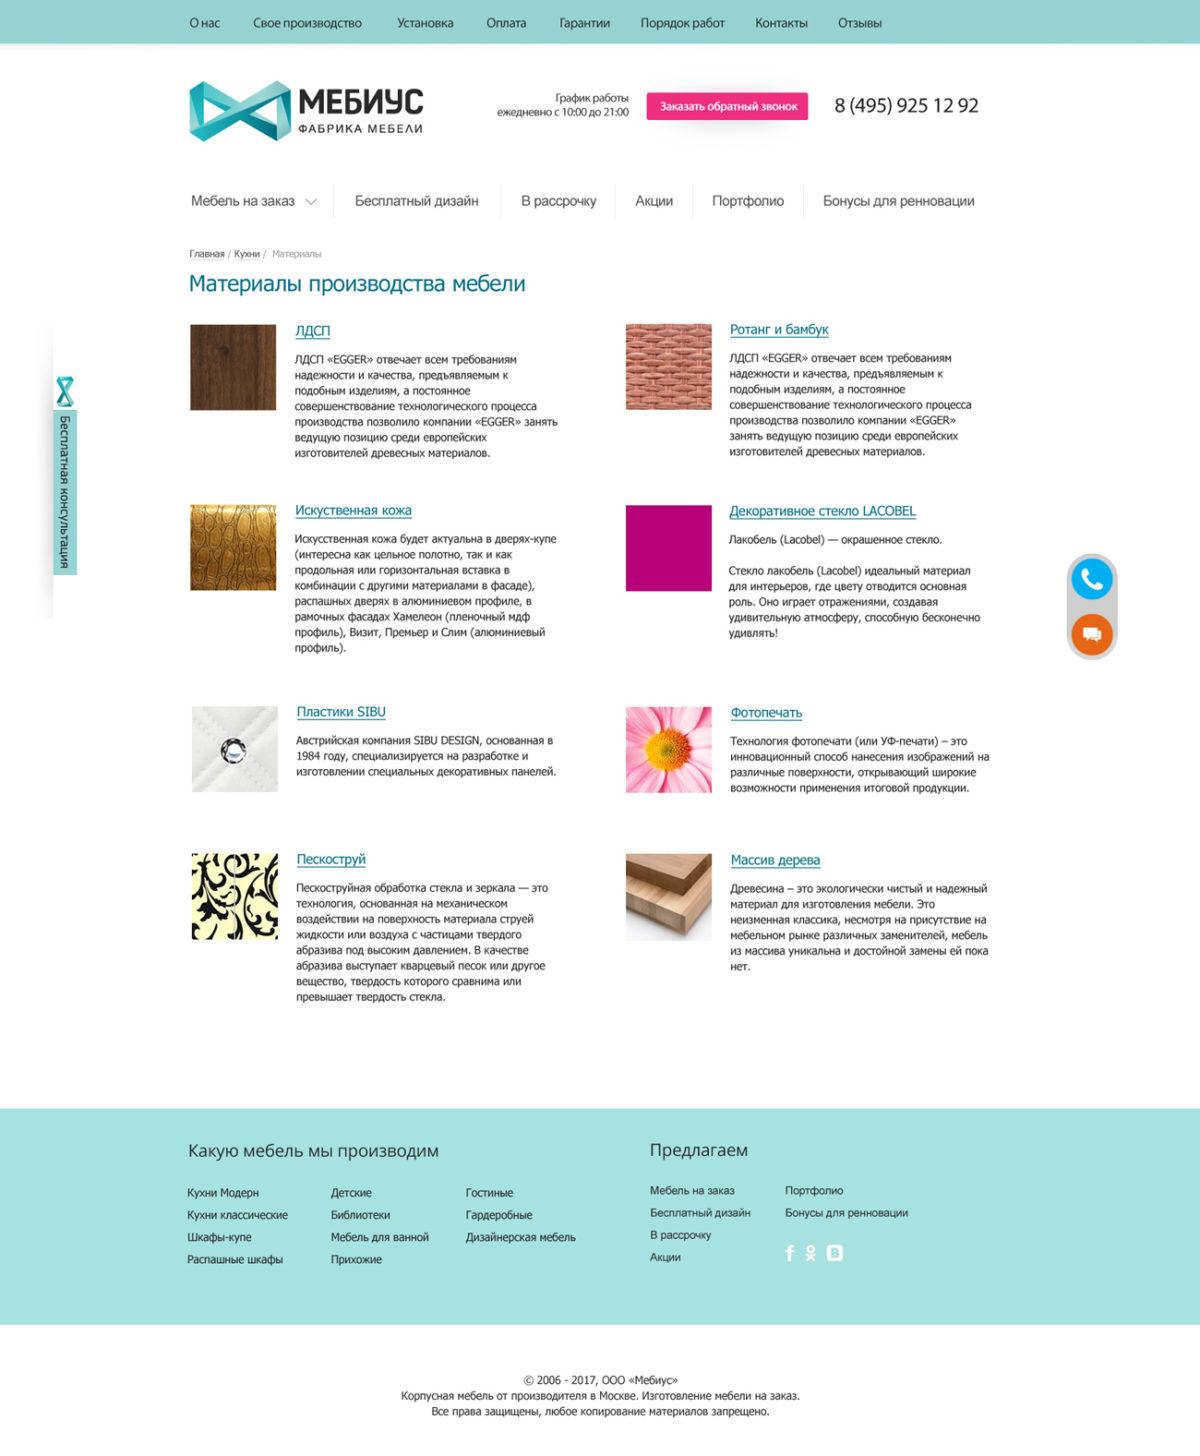 Страница с презентацией материалов, из которых может быть изготовлена мебель